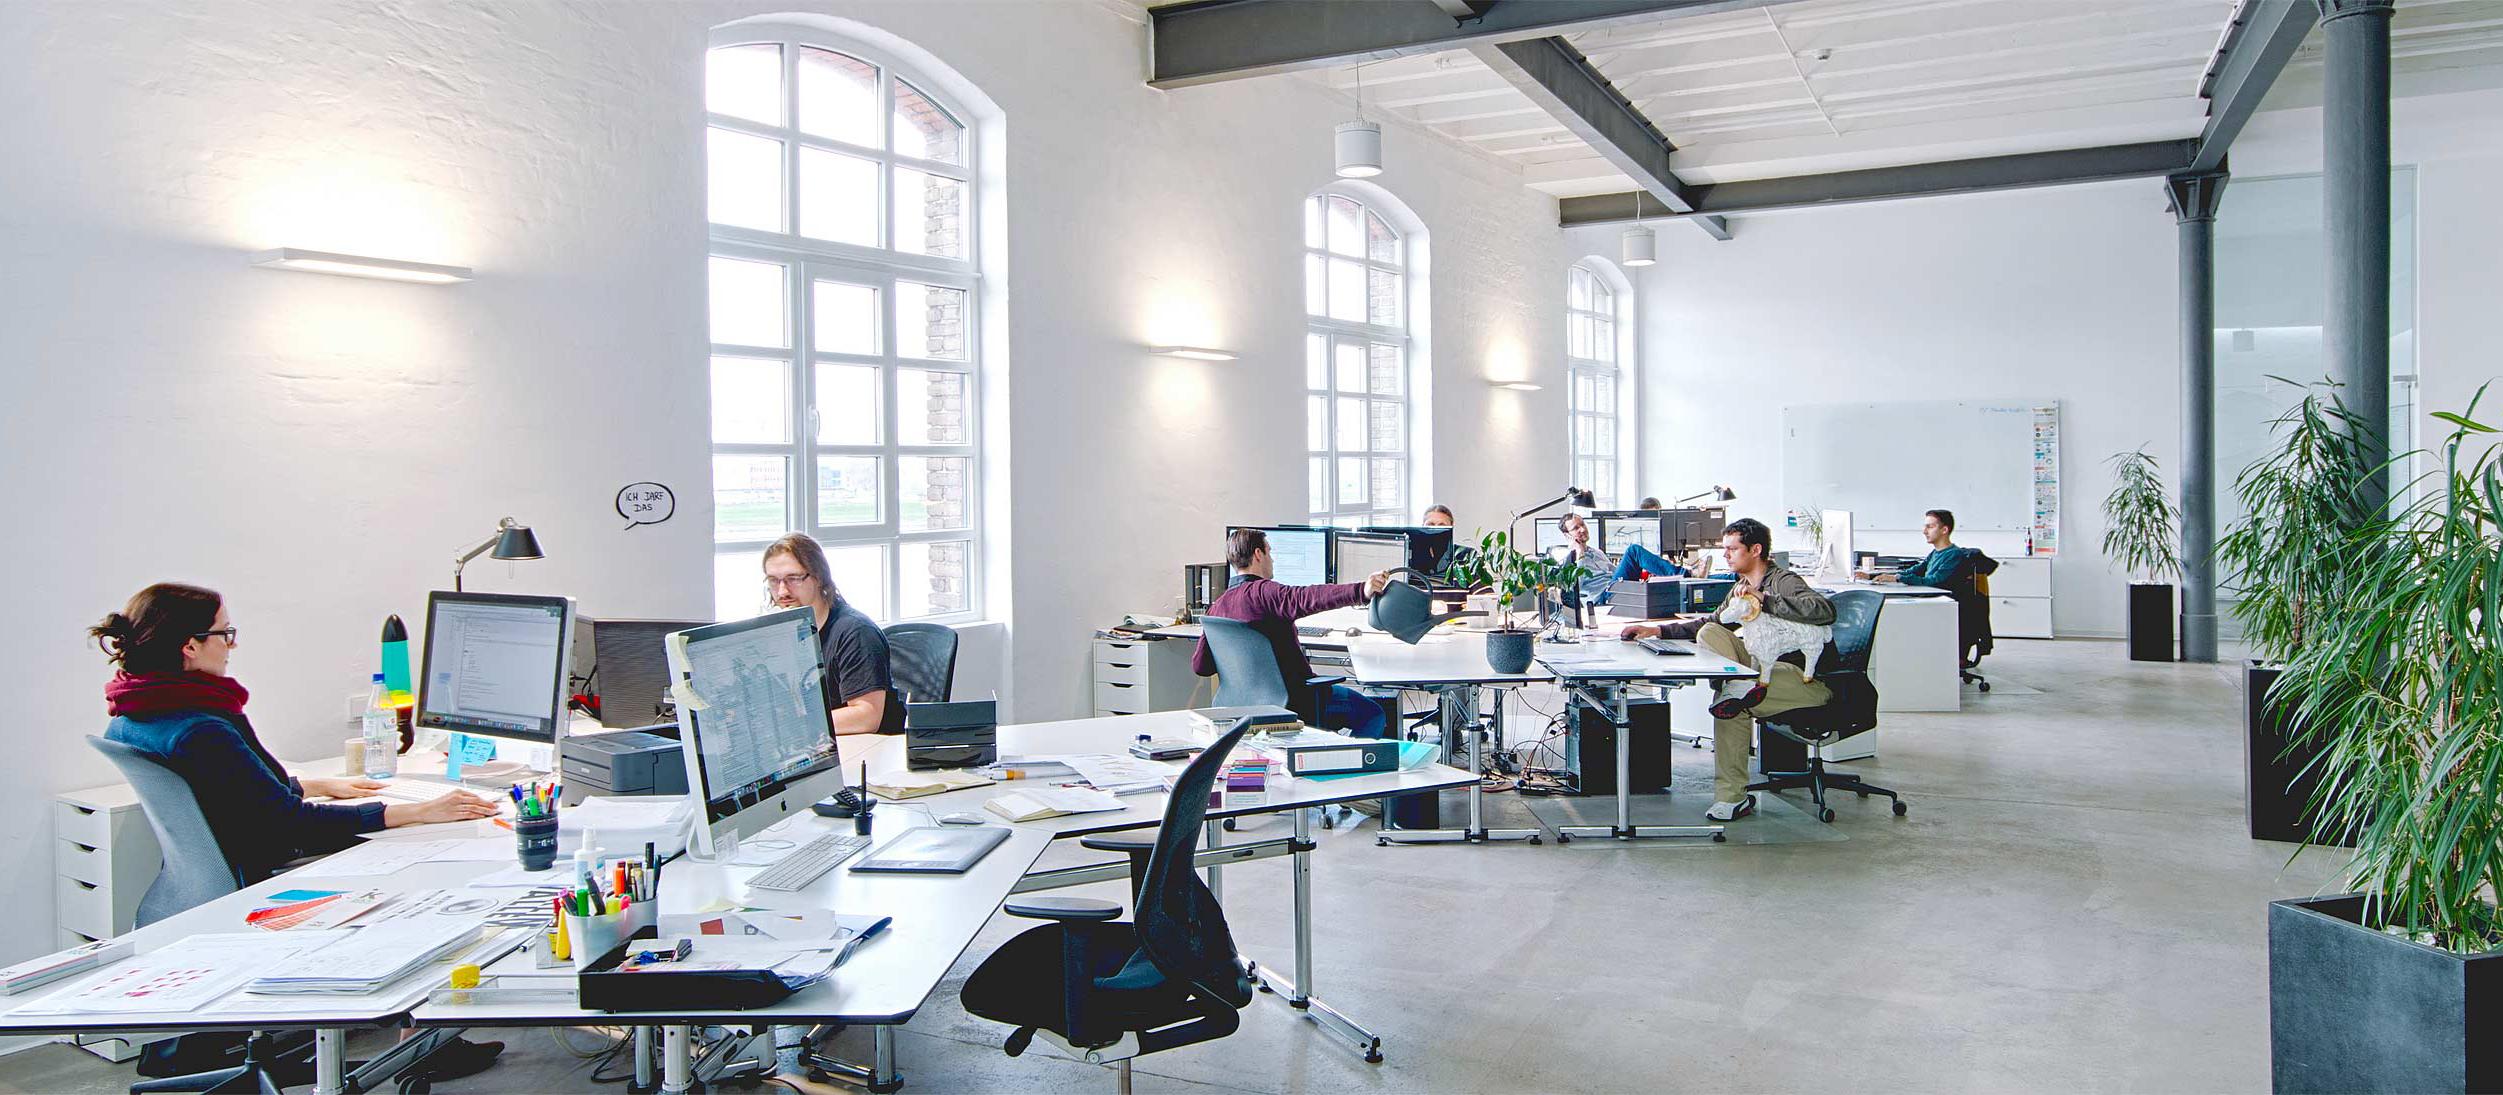 agentur f r werbung und design im hafenpark mannheim. Black Bedroom Furniture Sets. Home Design Ideas